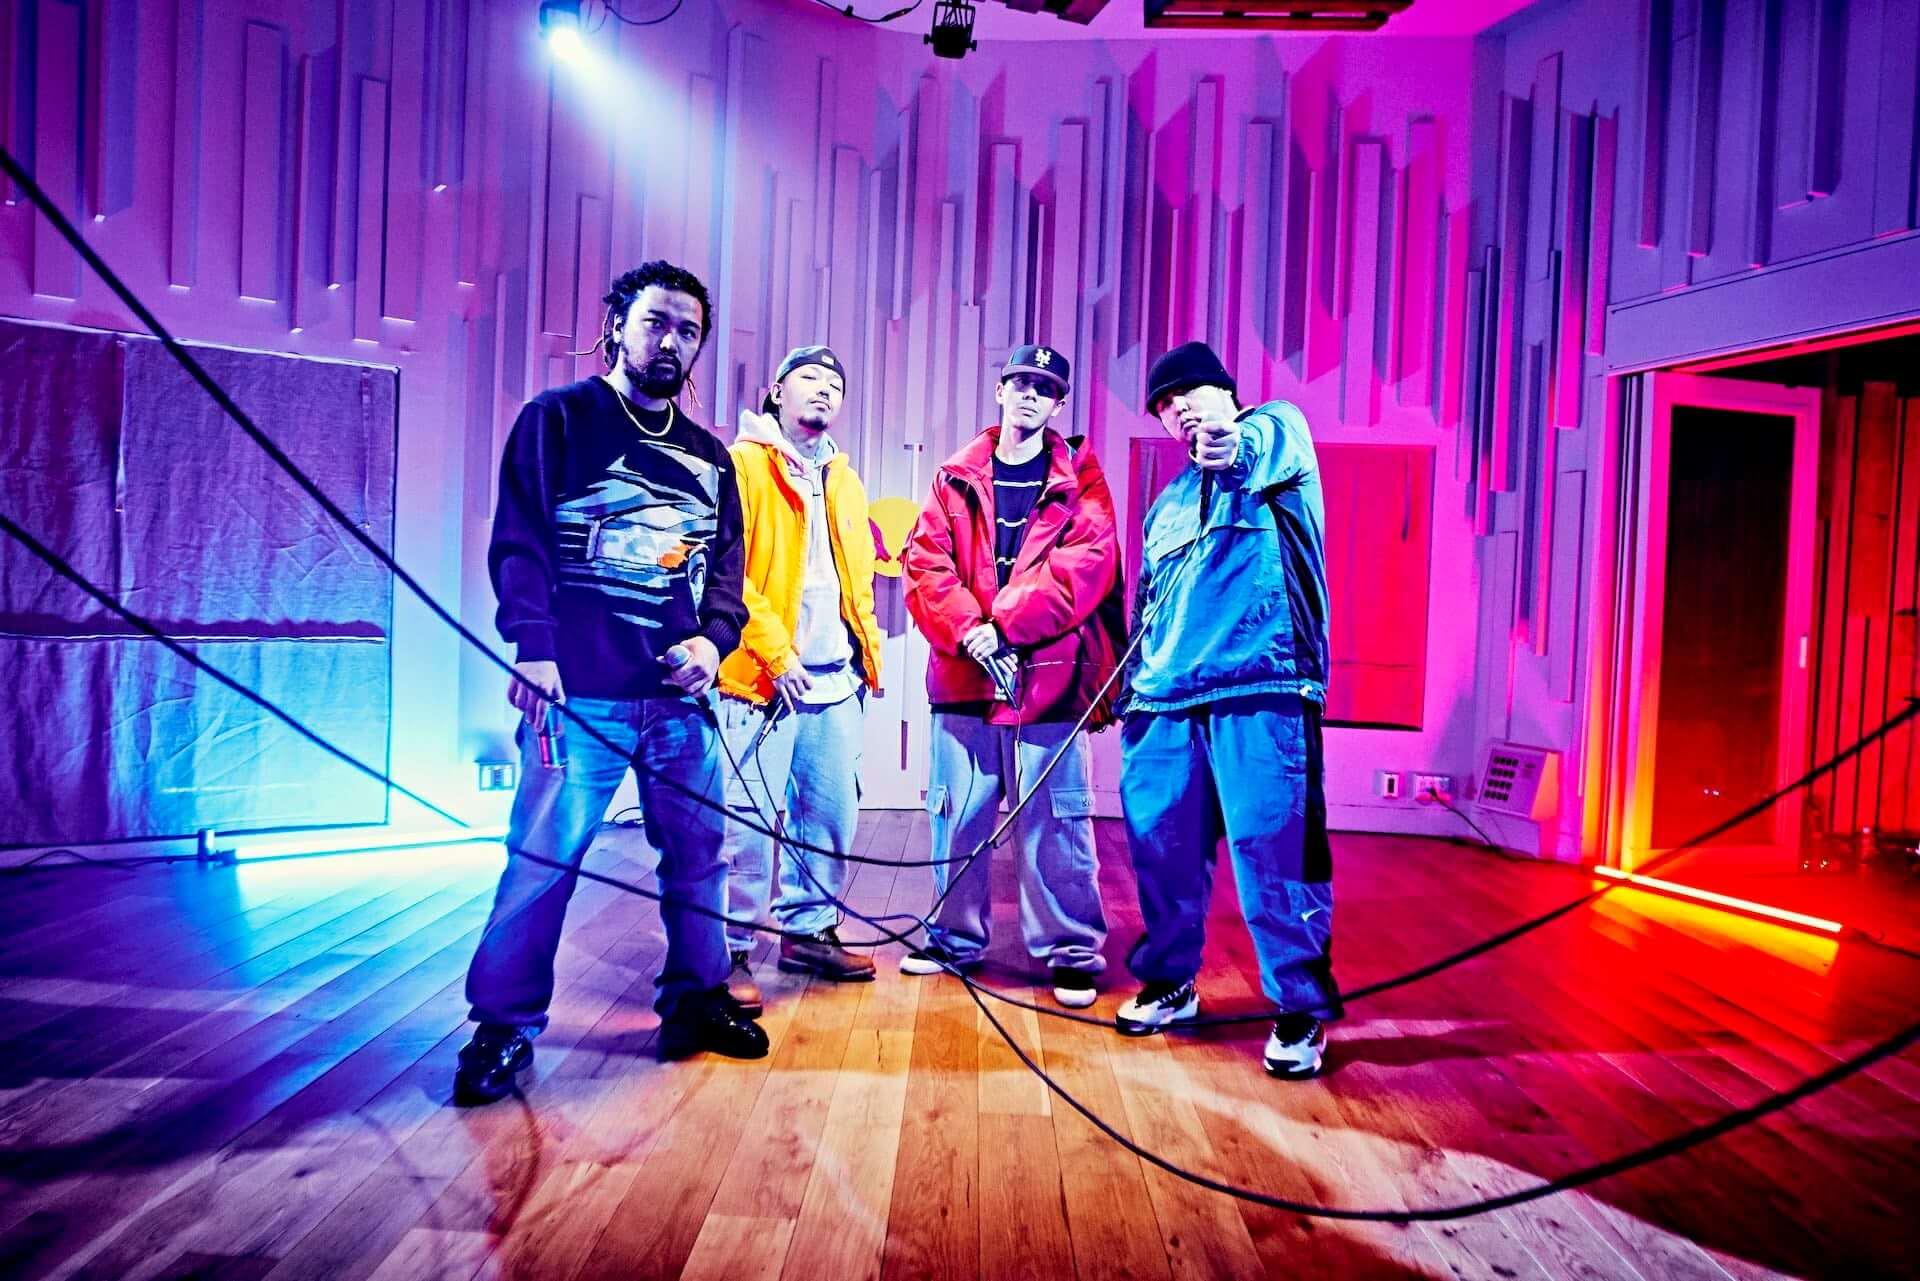 日本のヒップホップ専門YouTubeチャンネル「レッドブルマイク」が開設!『Red Bull RASEN』最新作にはBES & ISSUGI、Gottz & MUDが登場 music210217_redbull_2-1920x1281